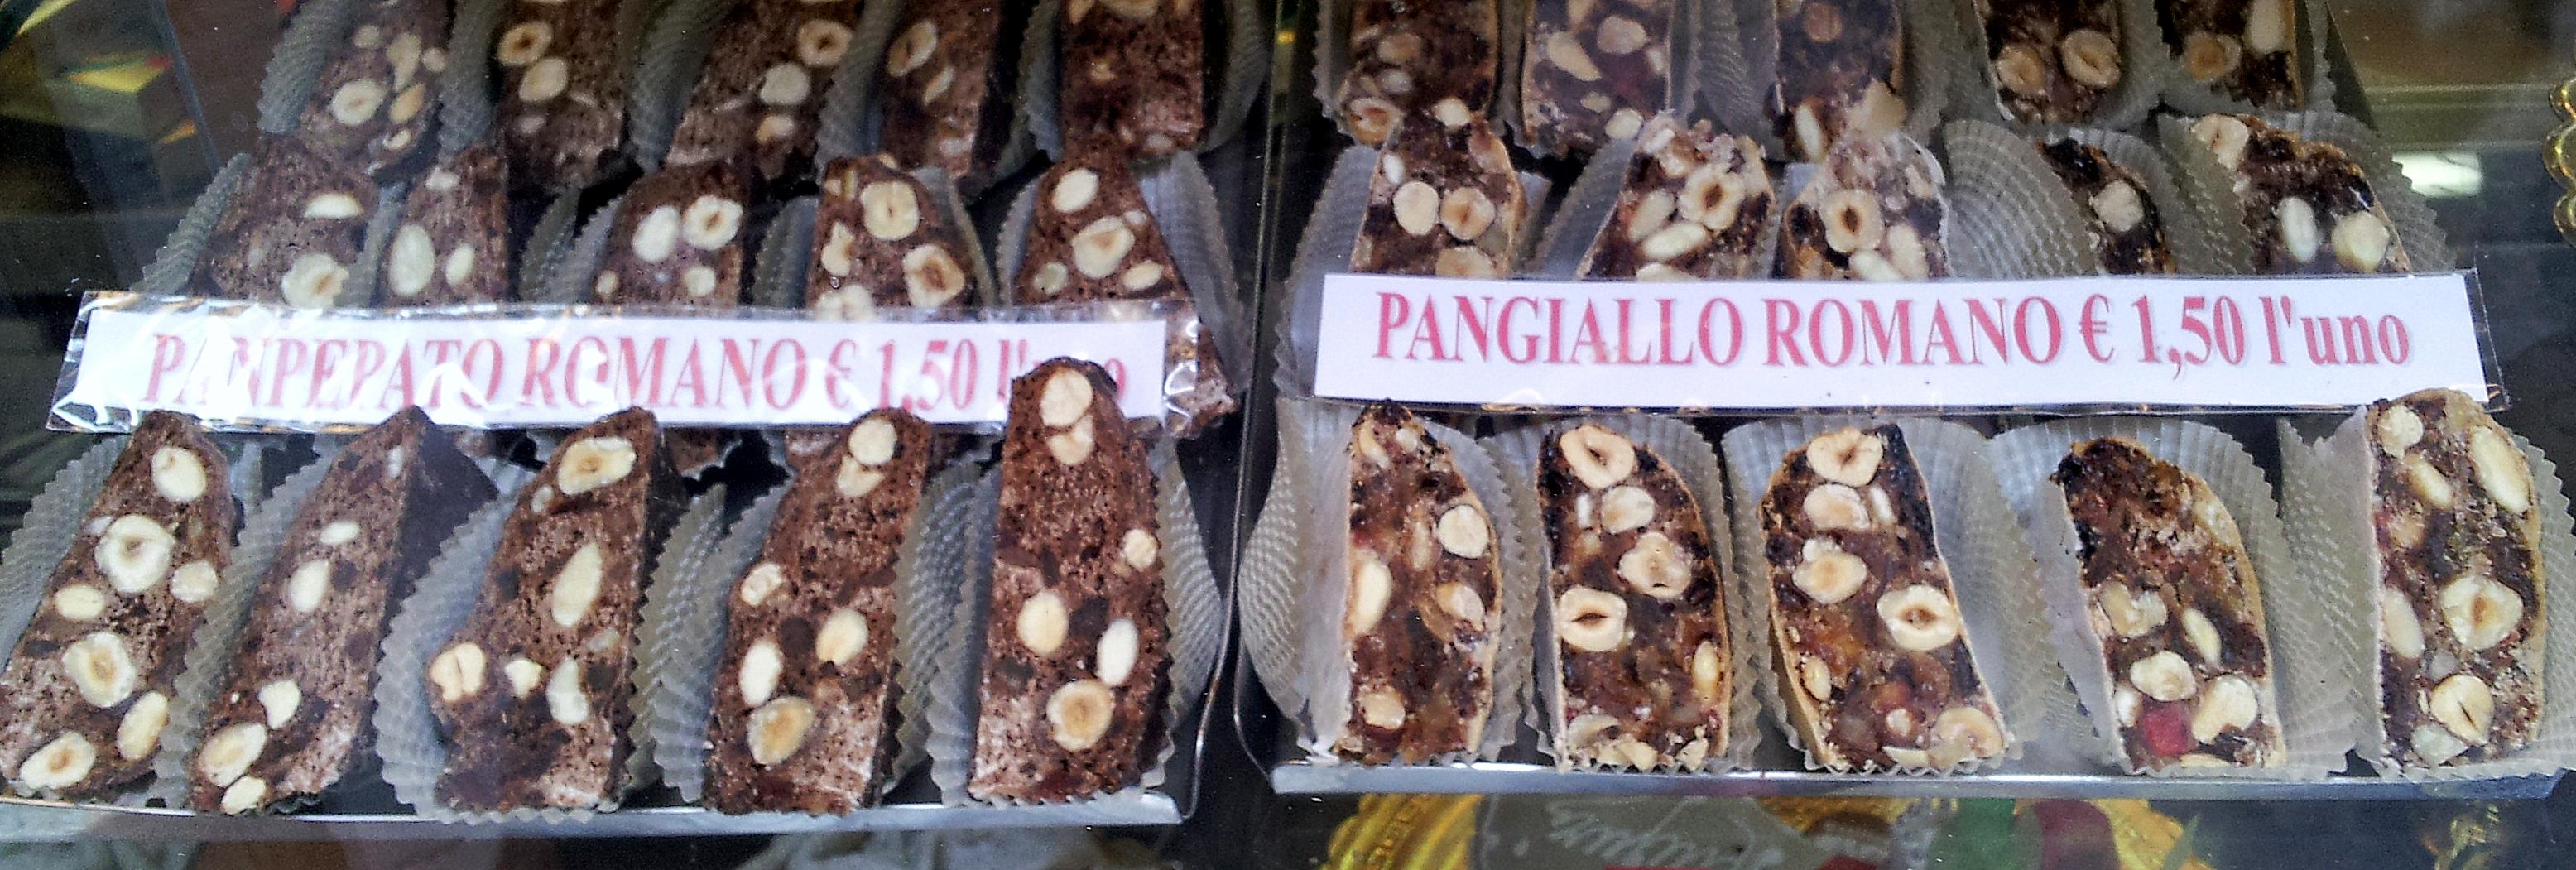 pangiallo